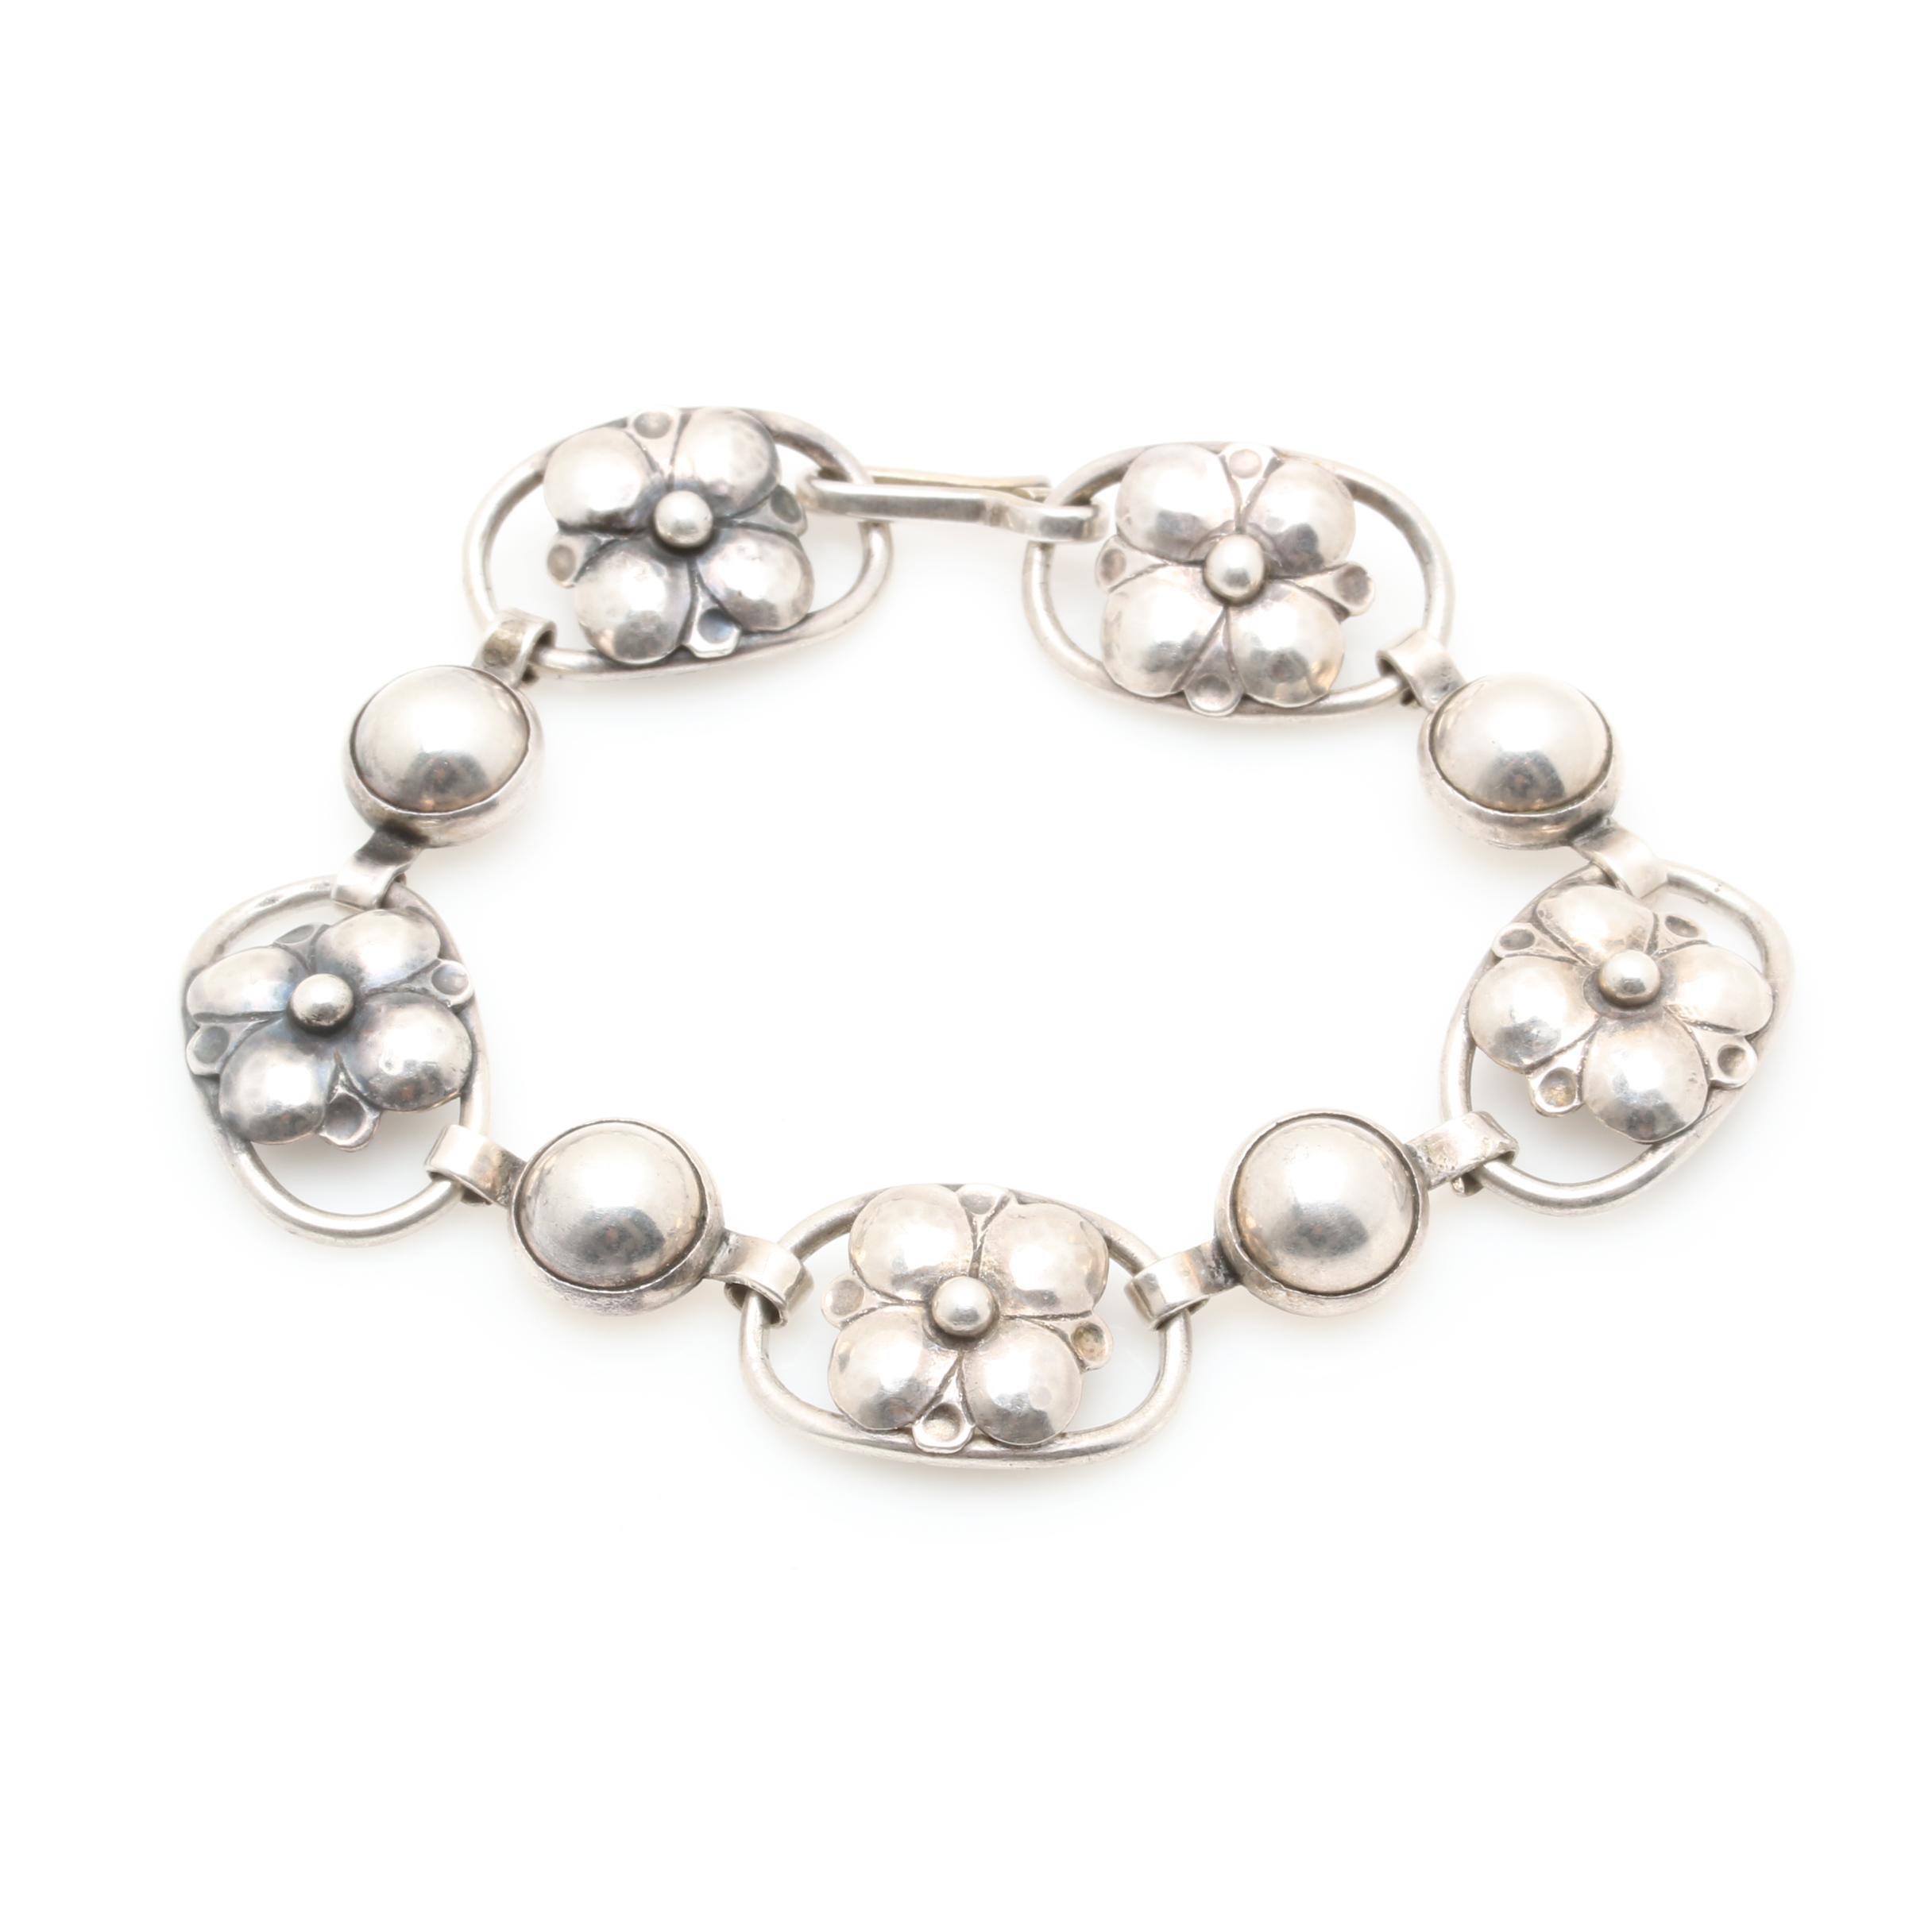 Georg Jensen Sterling Silver Floral Link Bracelet